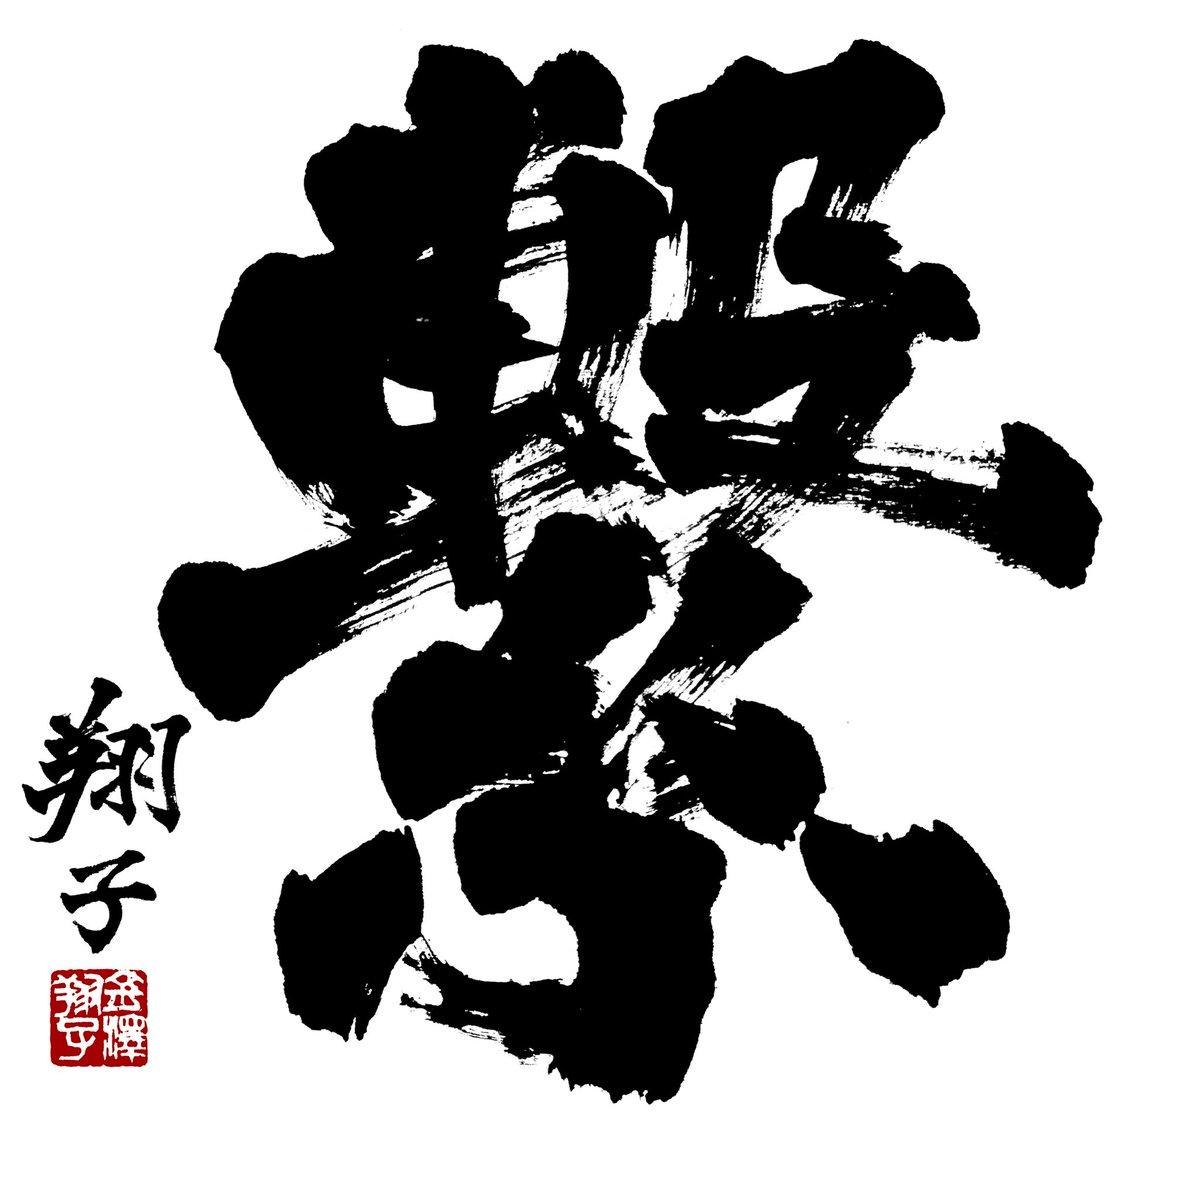 九州の大雨の災害。テレビ見ているだけで何もできないでいる。被害に見舞れた方の悲しみはどれ程だろう。今、何もして差し上げられない せめて心では繋がっていたい。心折れないで欲しい。 きつと日本中の人が祈っている。繋がっています‼️ https://t.co/zbAty1HnHg